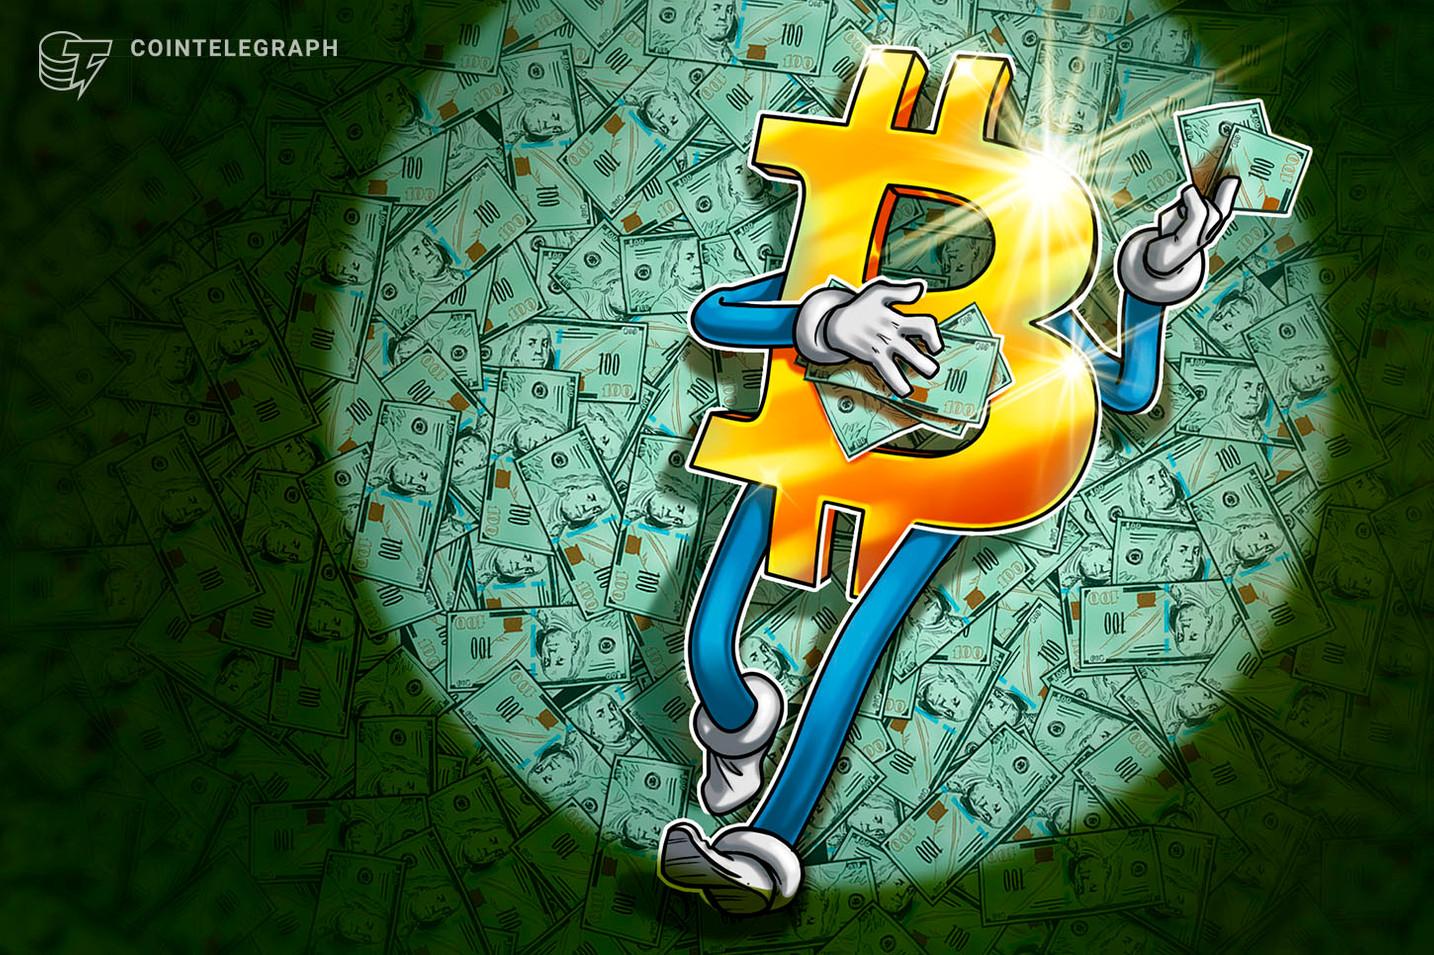 Bitcoin-Marktkapitalisierung erreicht neues Allzeithoch und überholt JPMorgan